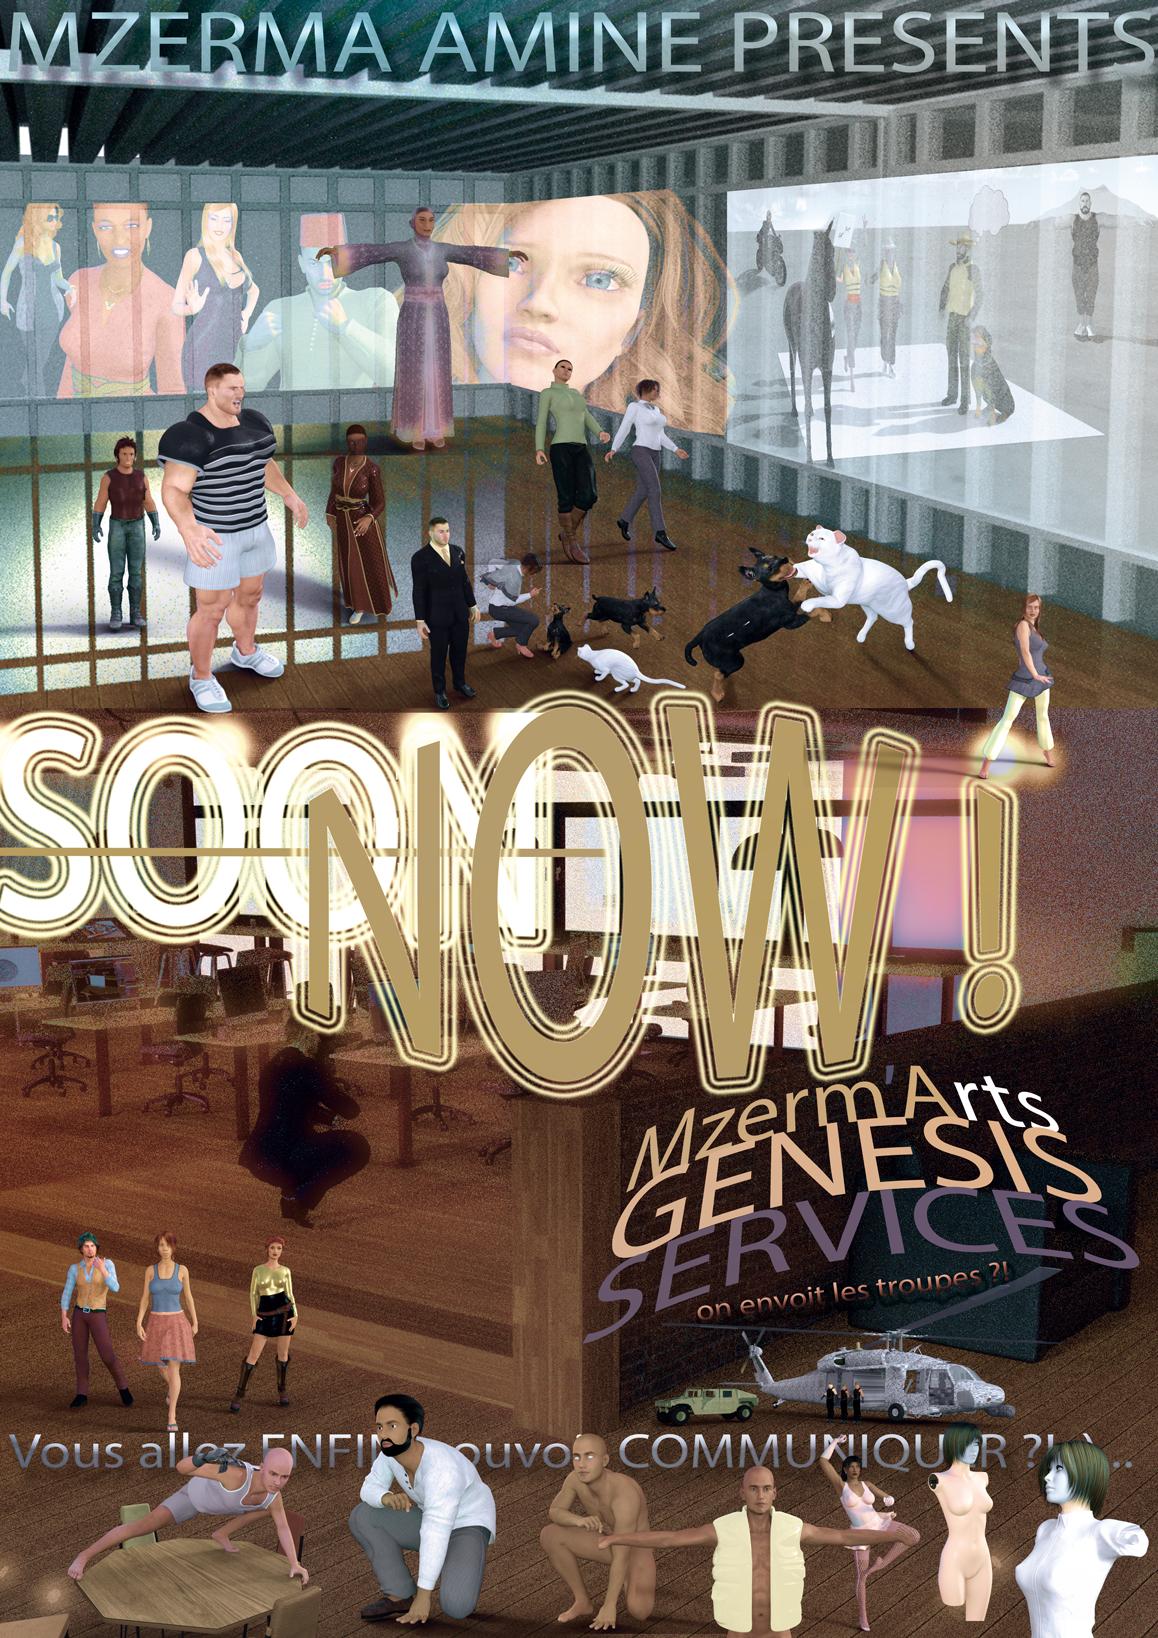 NOUVEAUX SERVICES de composition, conception, personnalisation et adaptation de mannequins virtuels ...